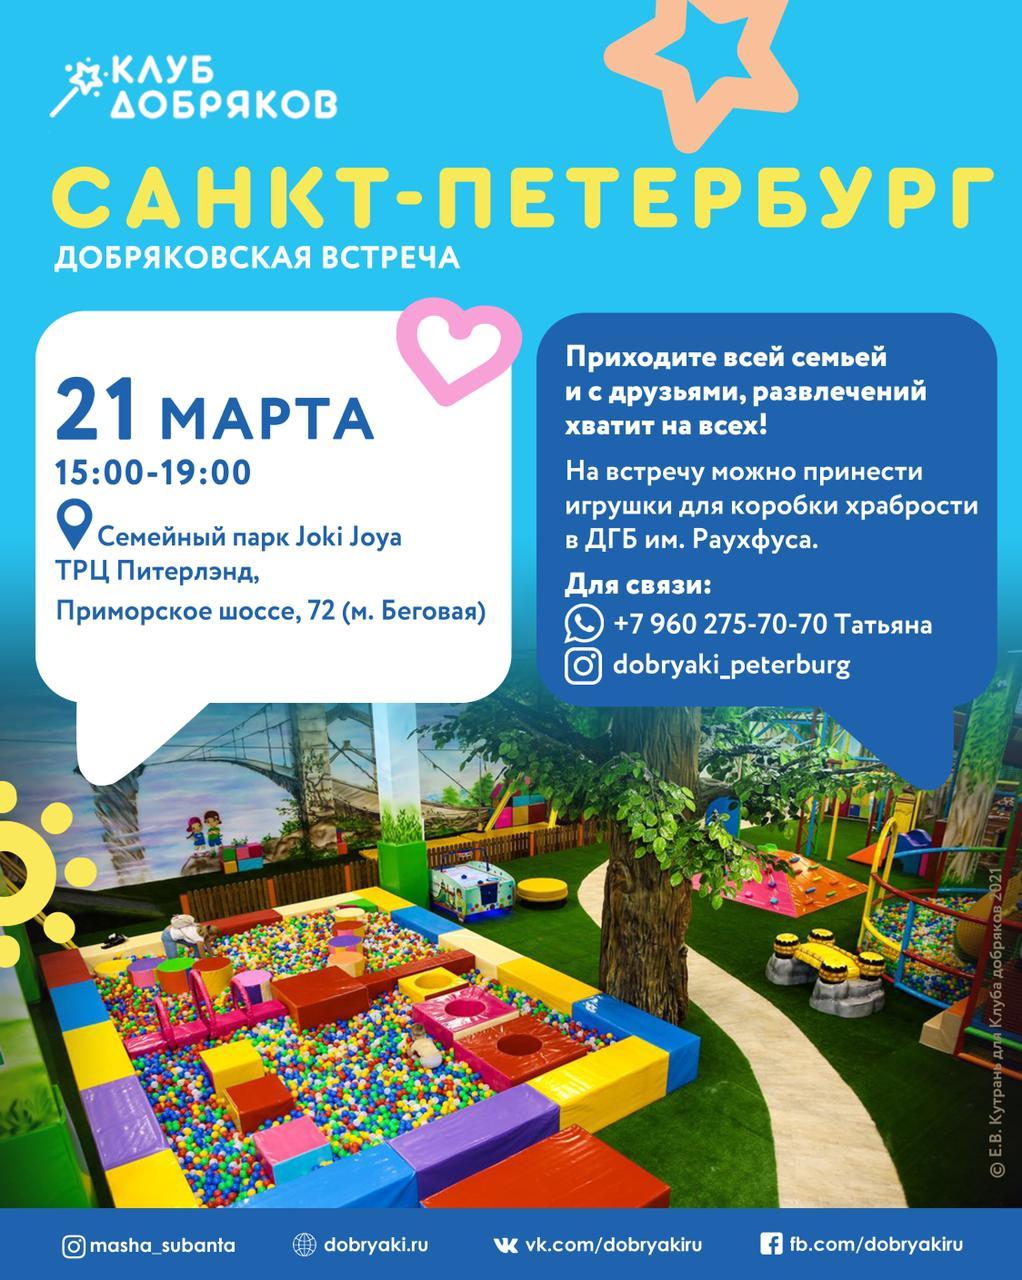 Волонтеры Петербурга встретятся в семейном парке Joki Joya